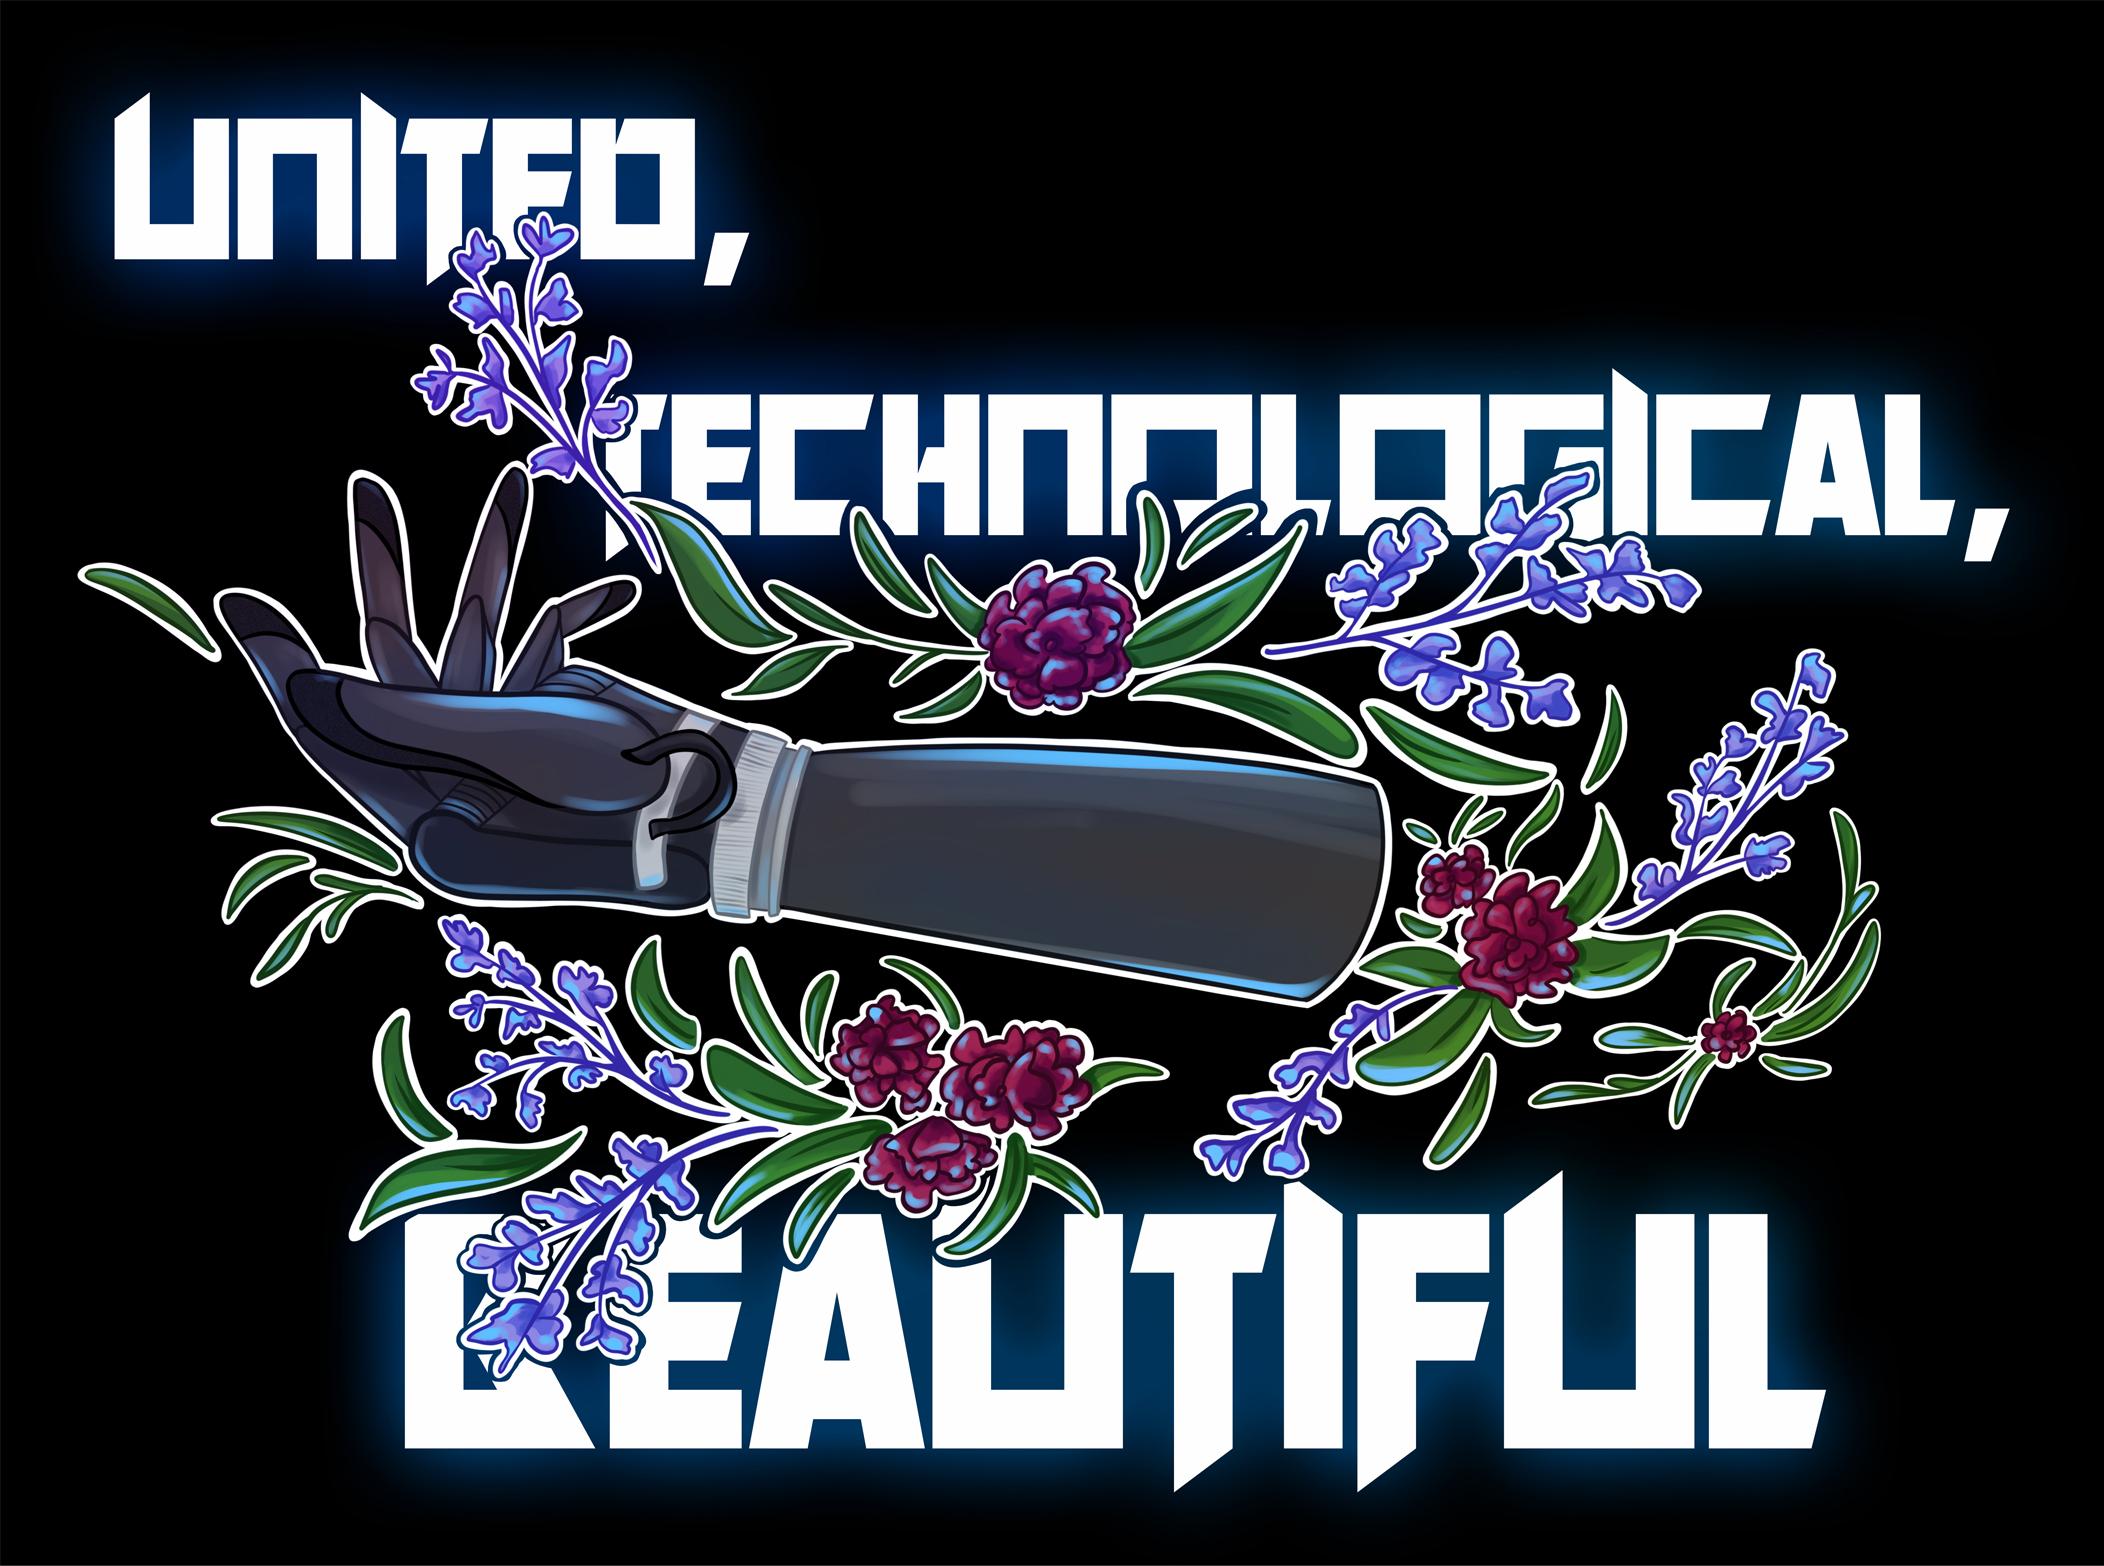 Нарисовать принты на футболки для компании Моторика фото f_171609fe07dc9d6d.jpg